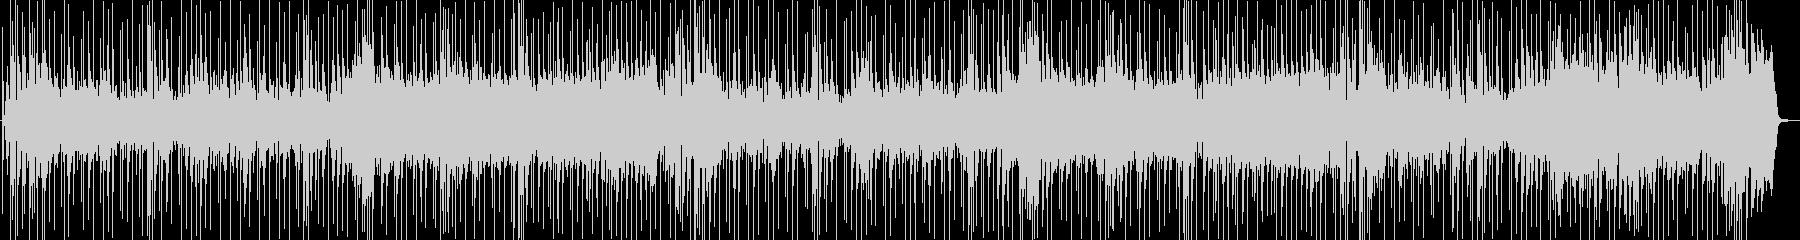 ゆったりとした70'sニューミュージックの未再生の波形